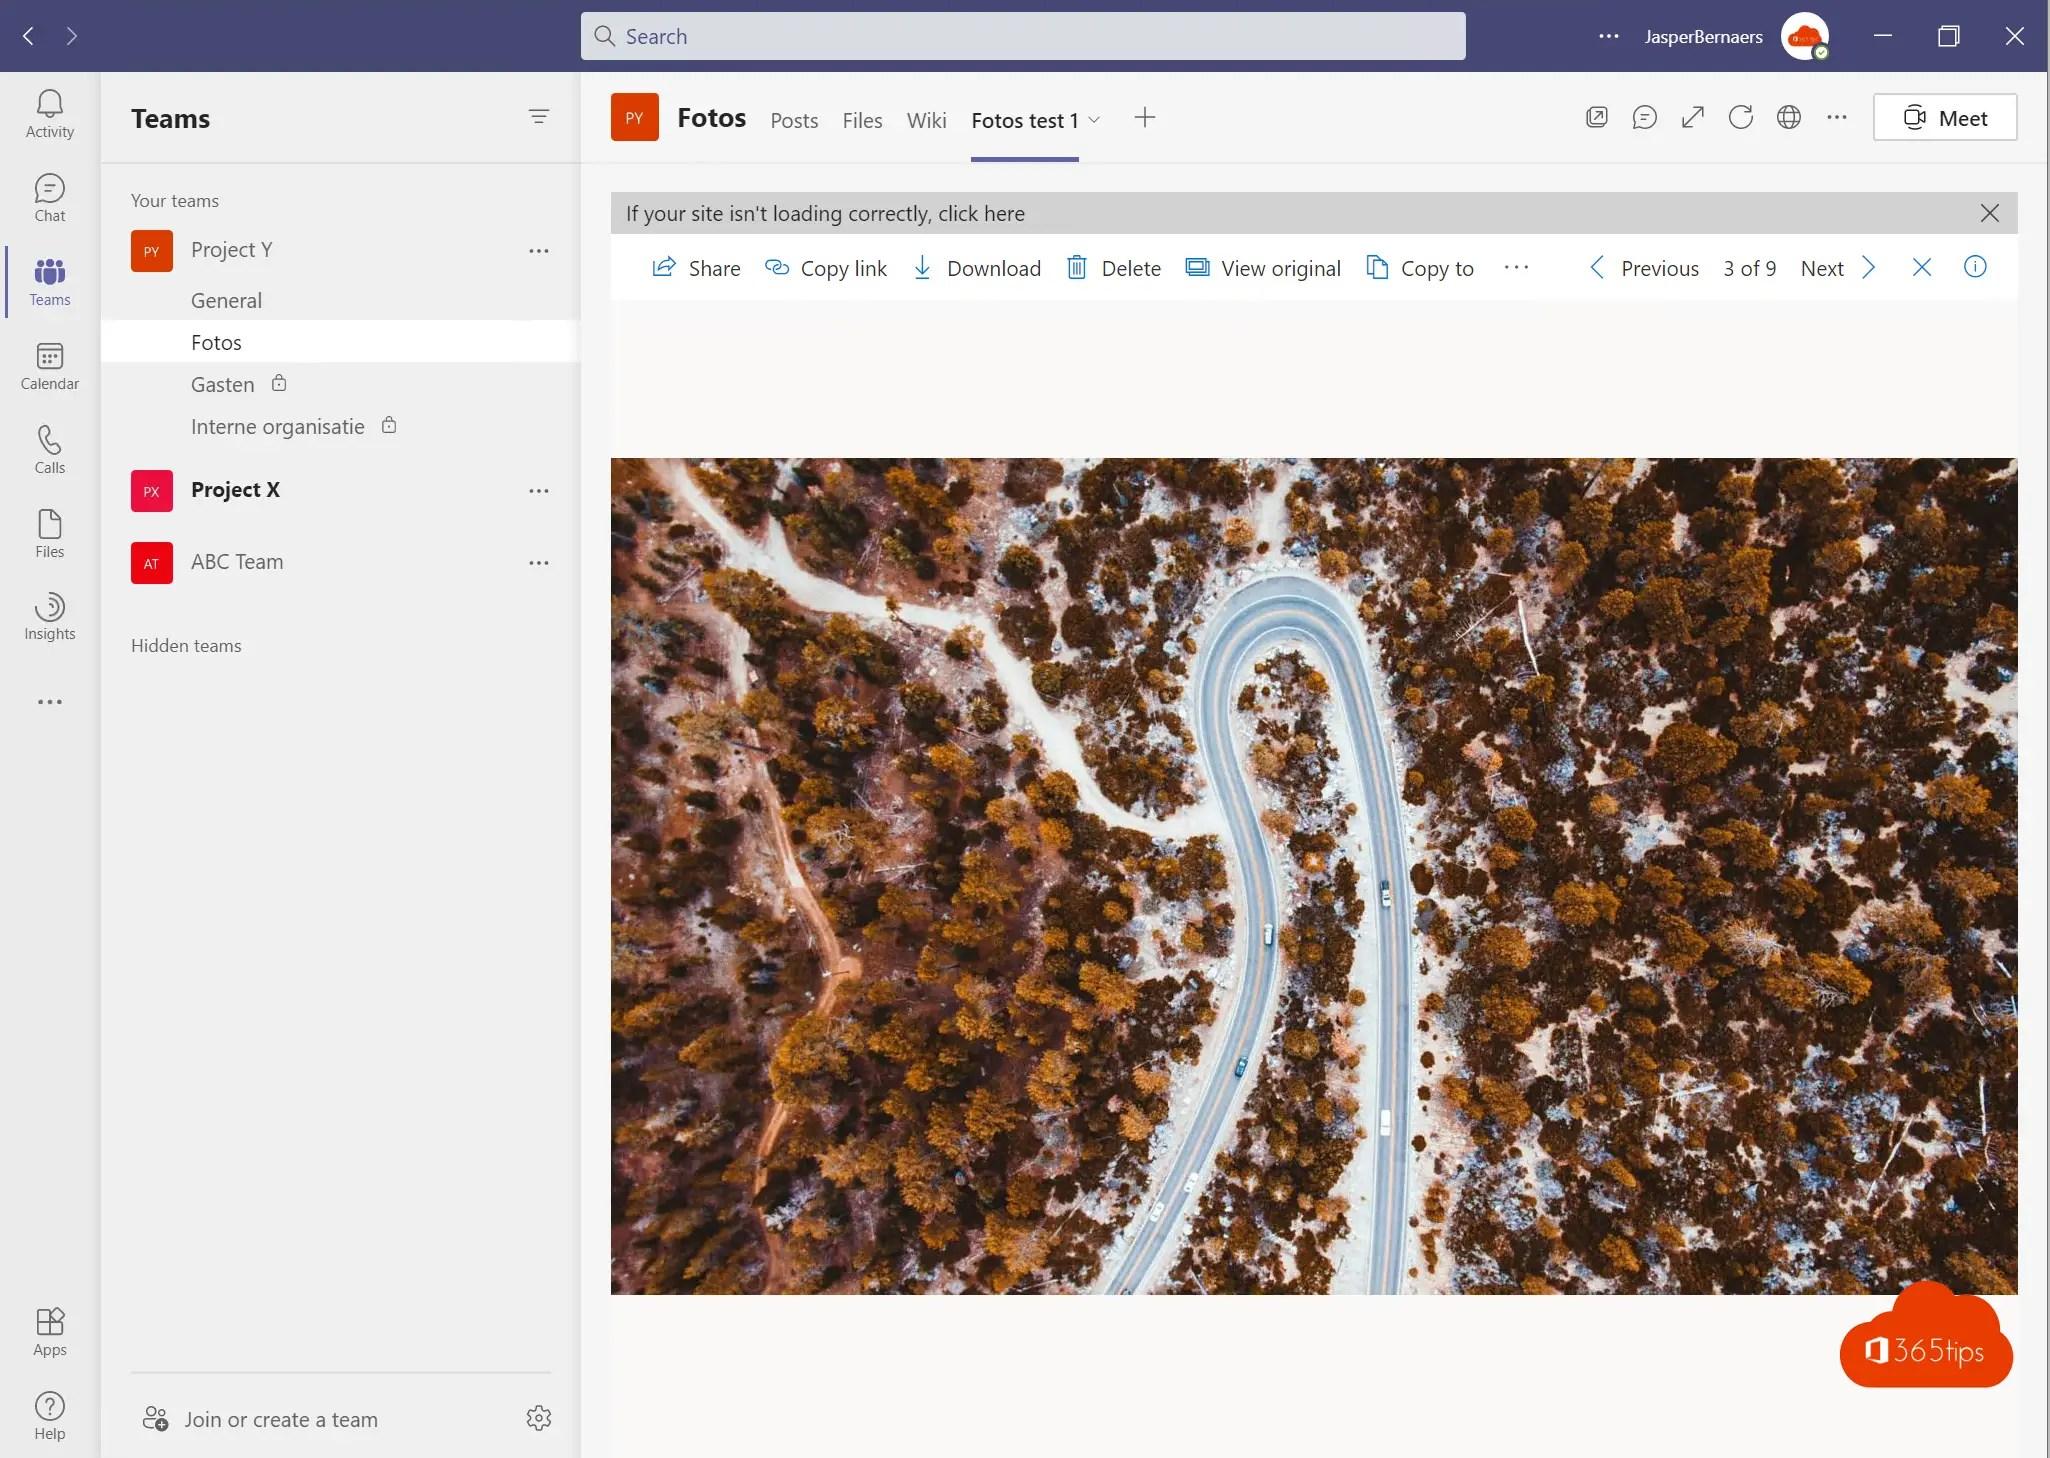 Zo kan je Fotogallerijen inrichten in Microsoft Teams – Best practise! 📷